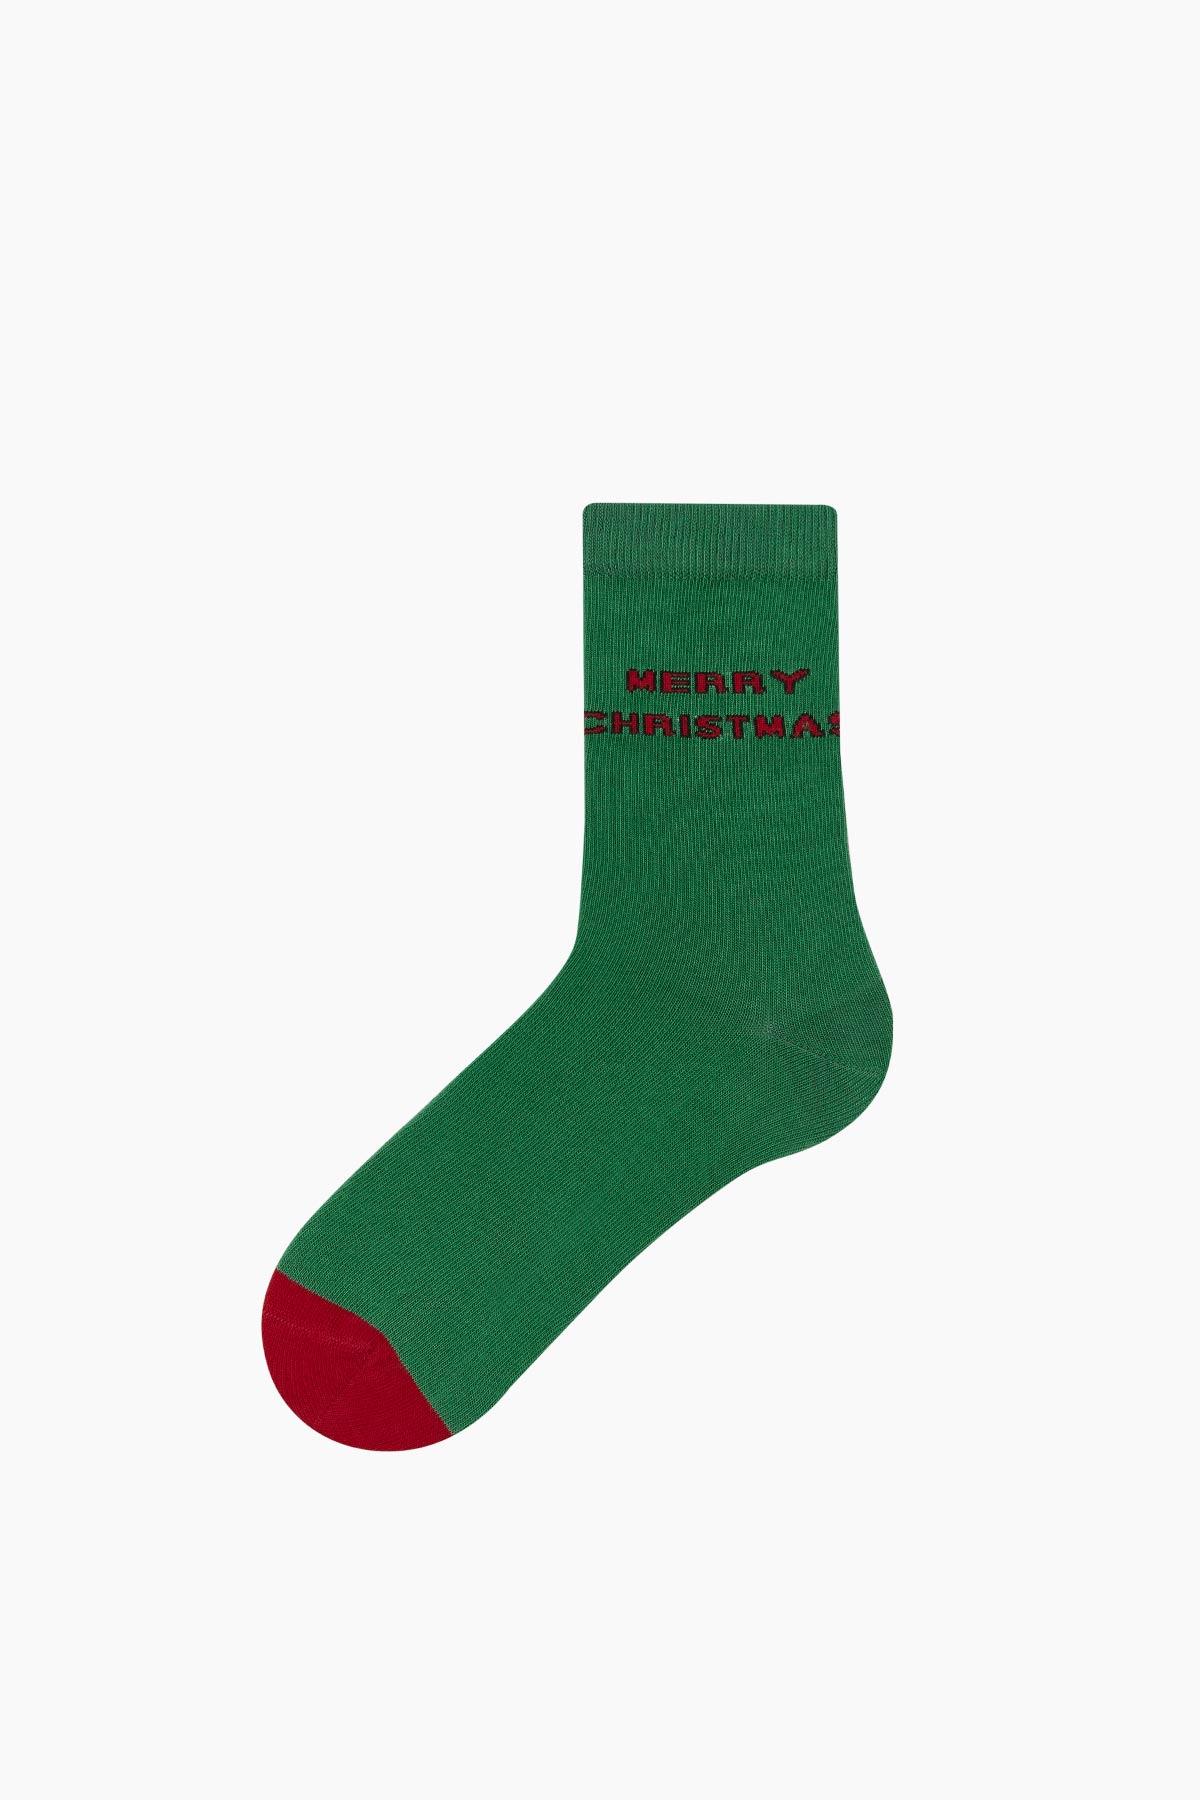 Bross Merry Christmas Yazılı Unisex Yılbaşı Çorabı - Thumbnail